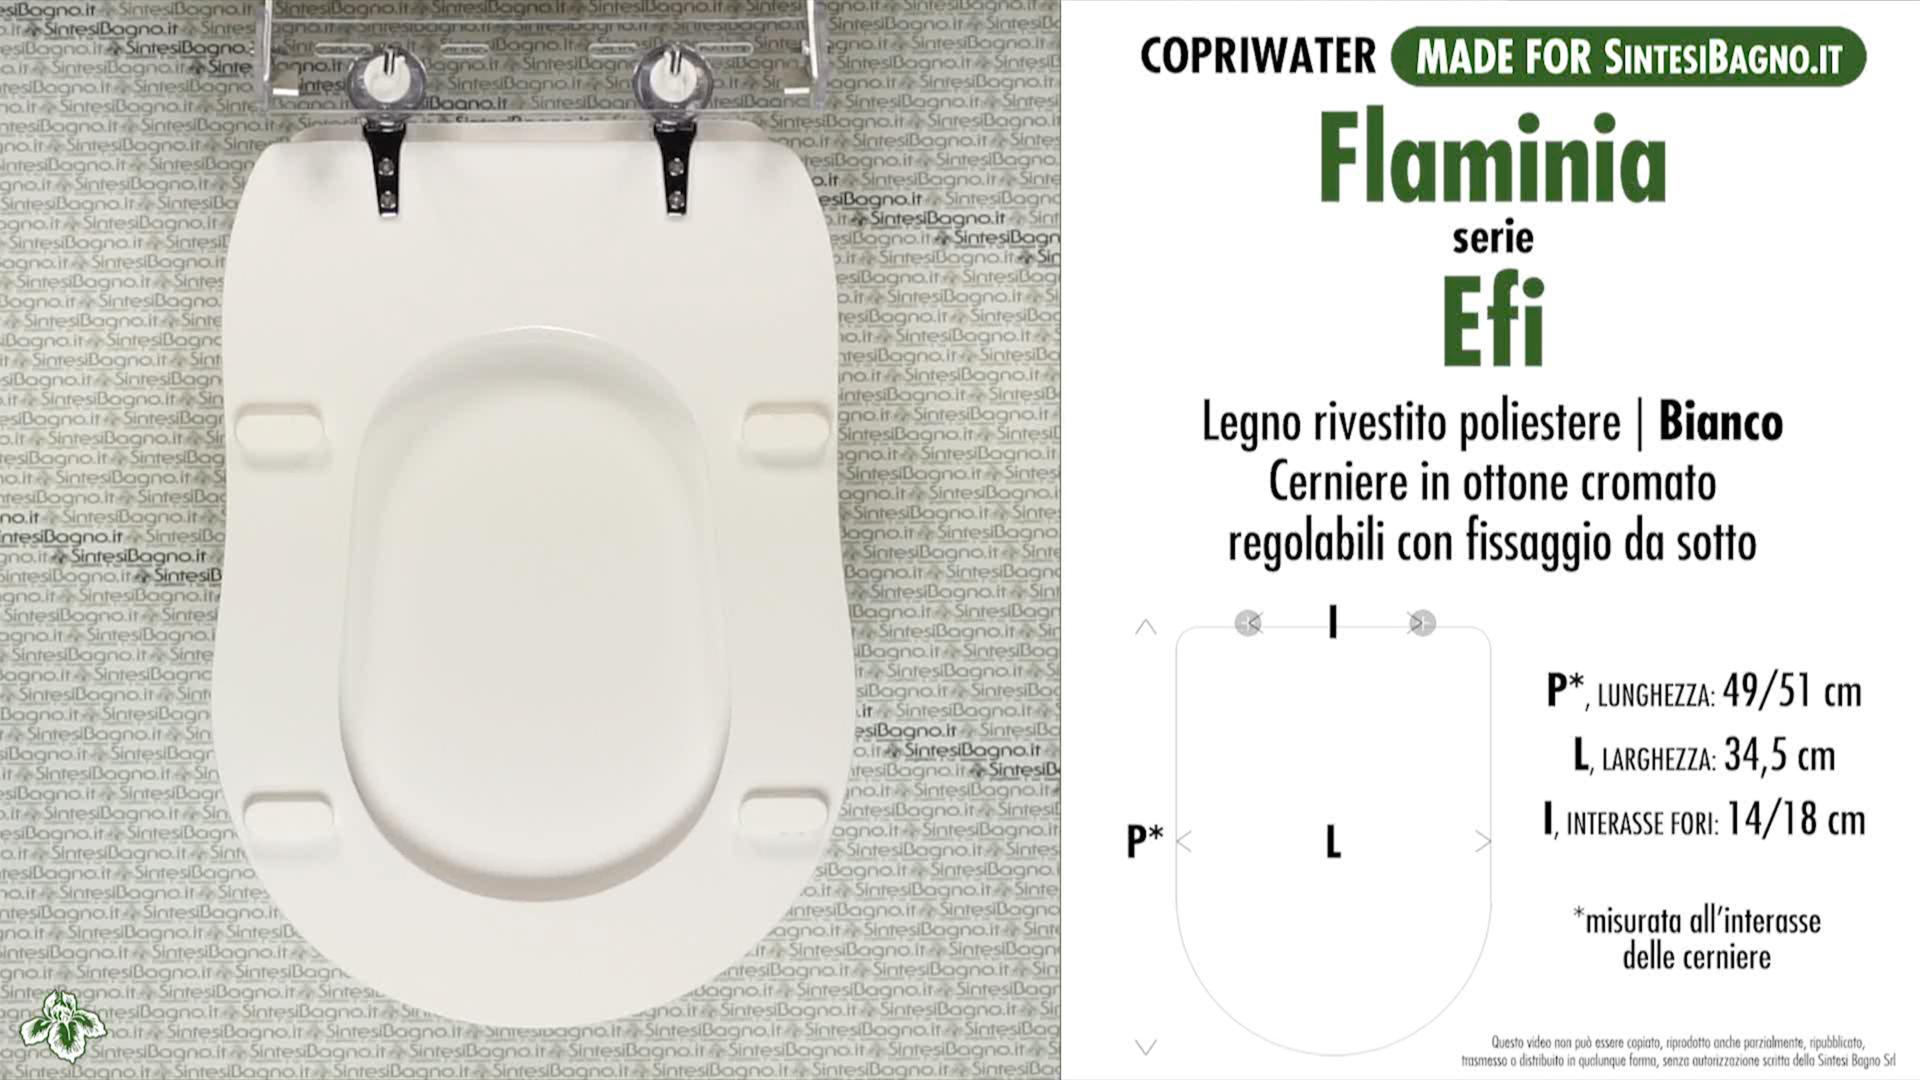 SCHEDA TECNICA copriwater FLAMINIA EFI